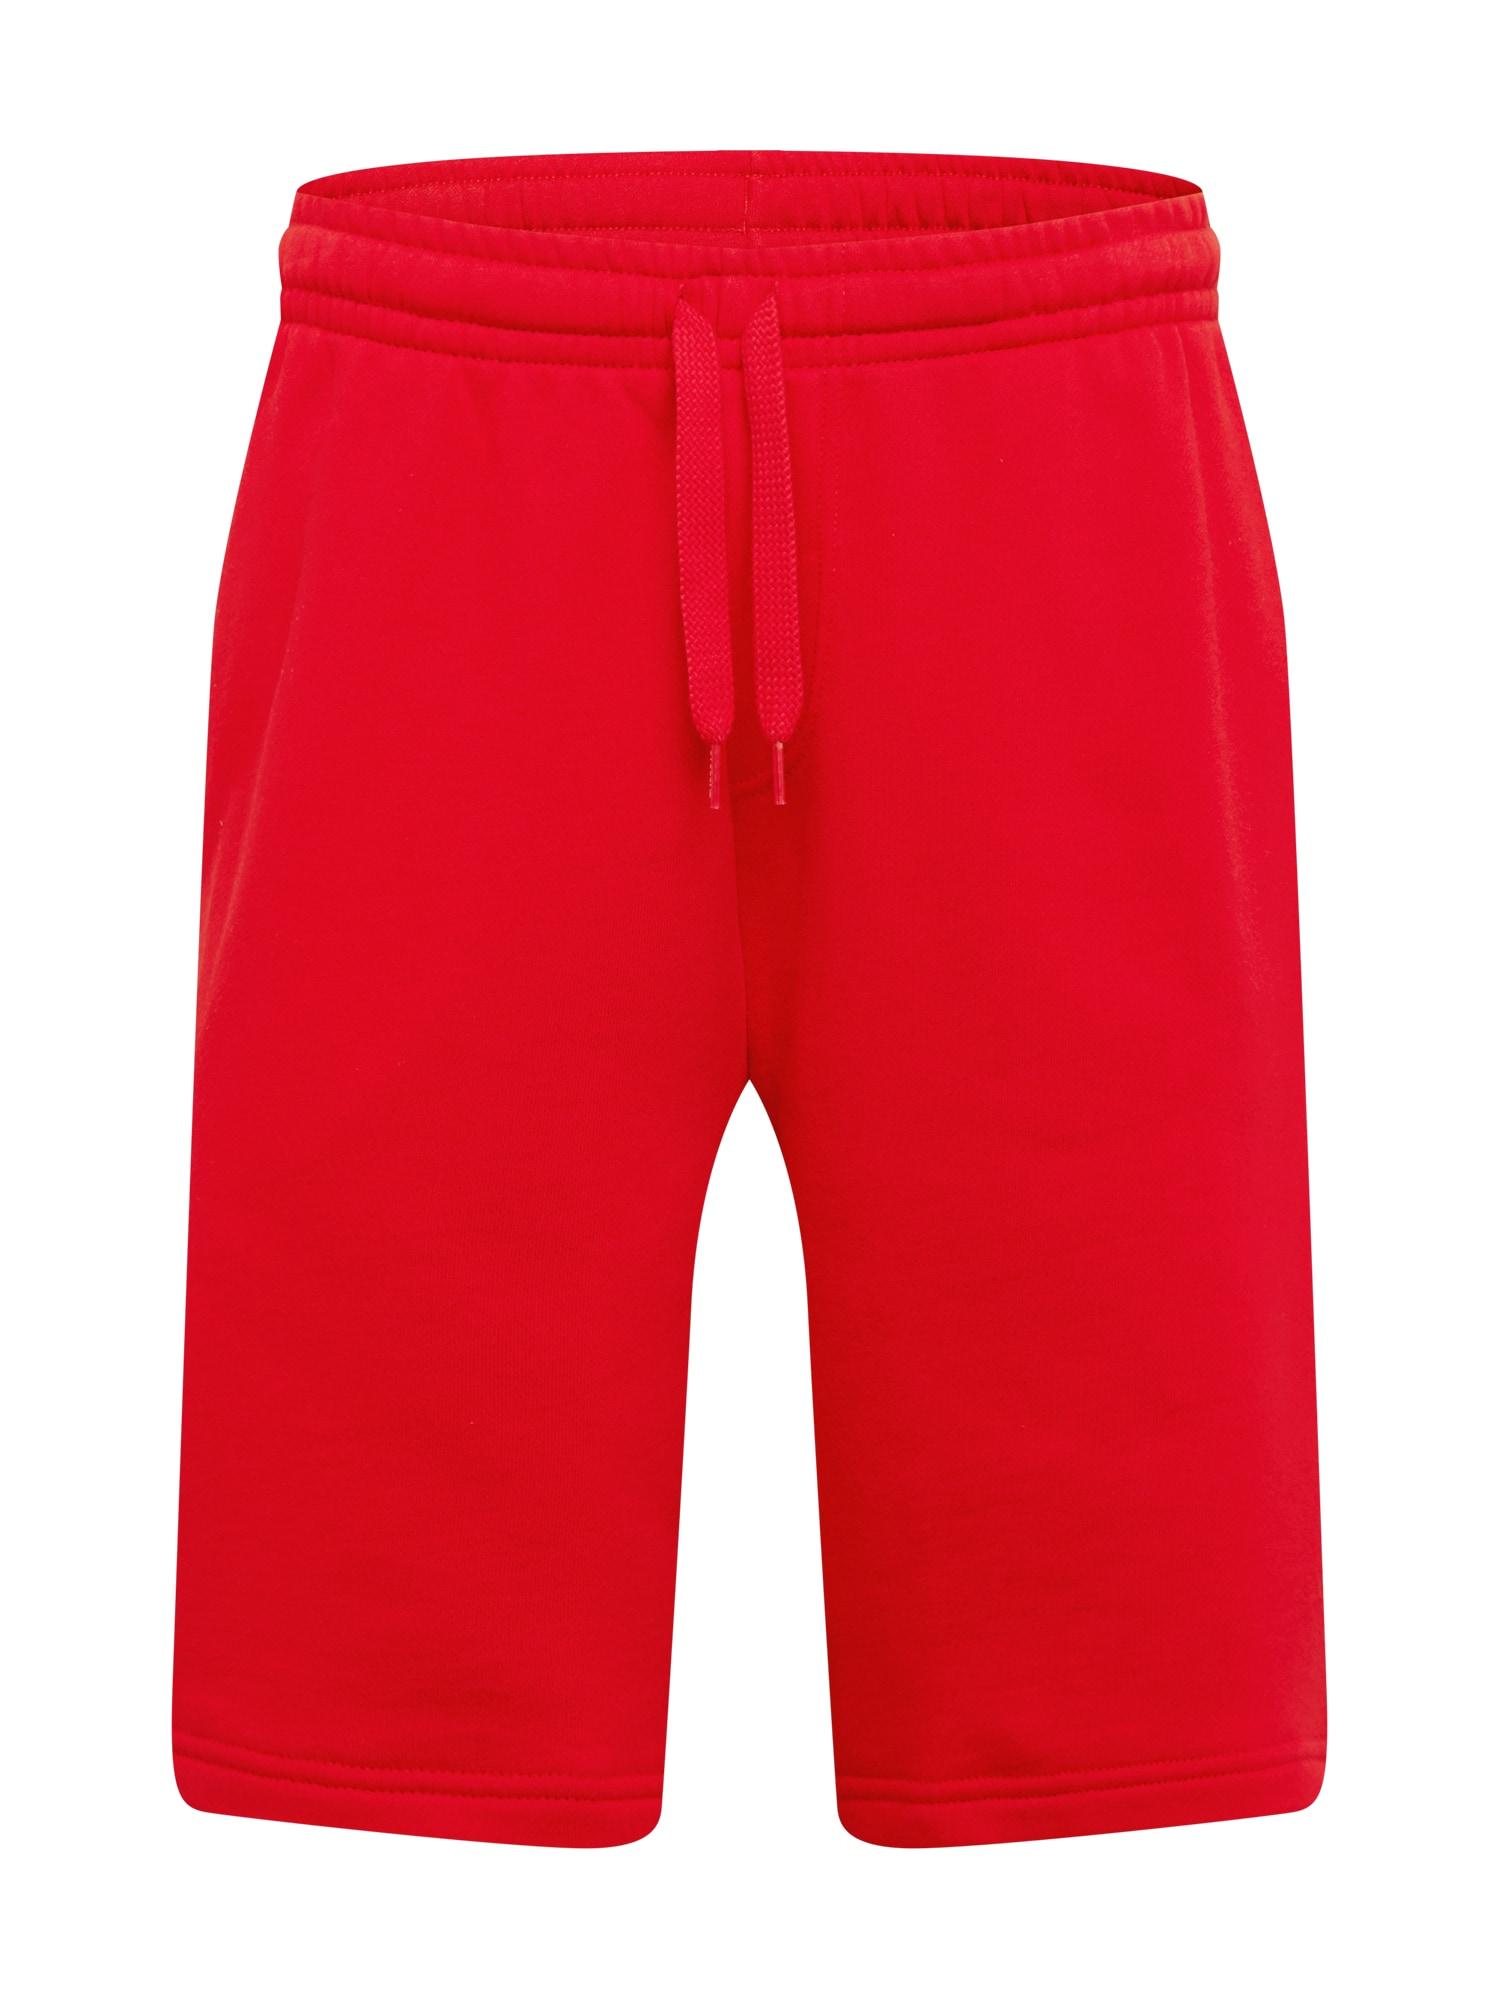 Lacoste Sport Sportinės kelnės raudona